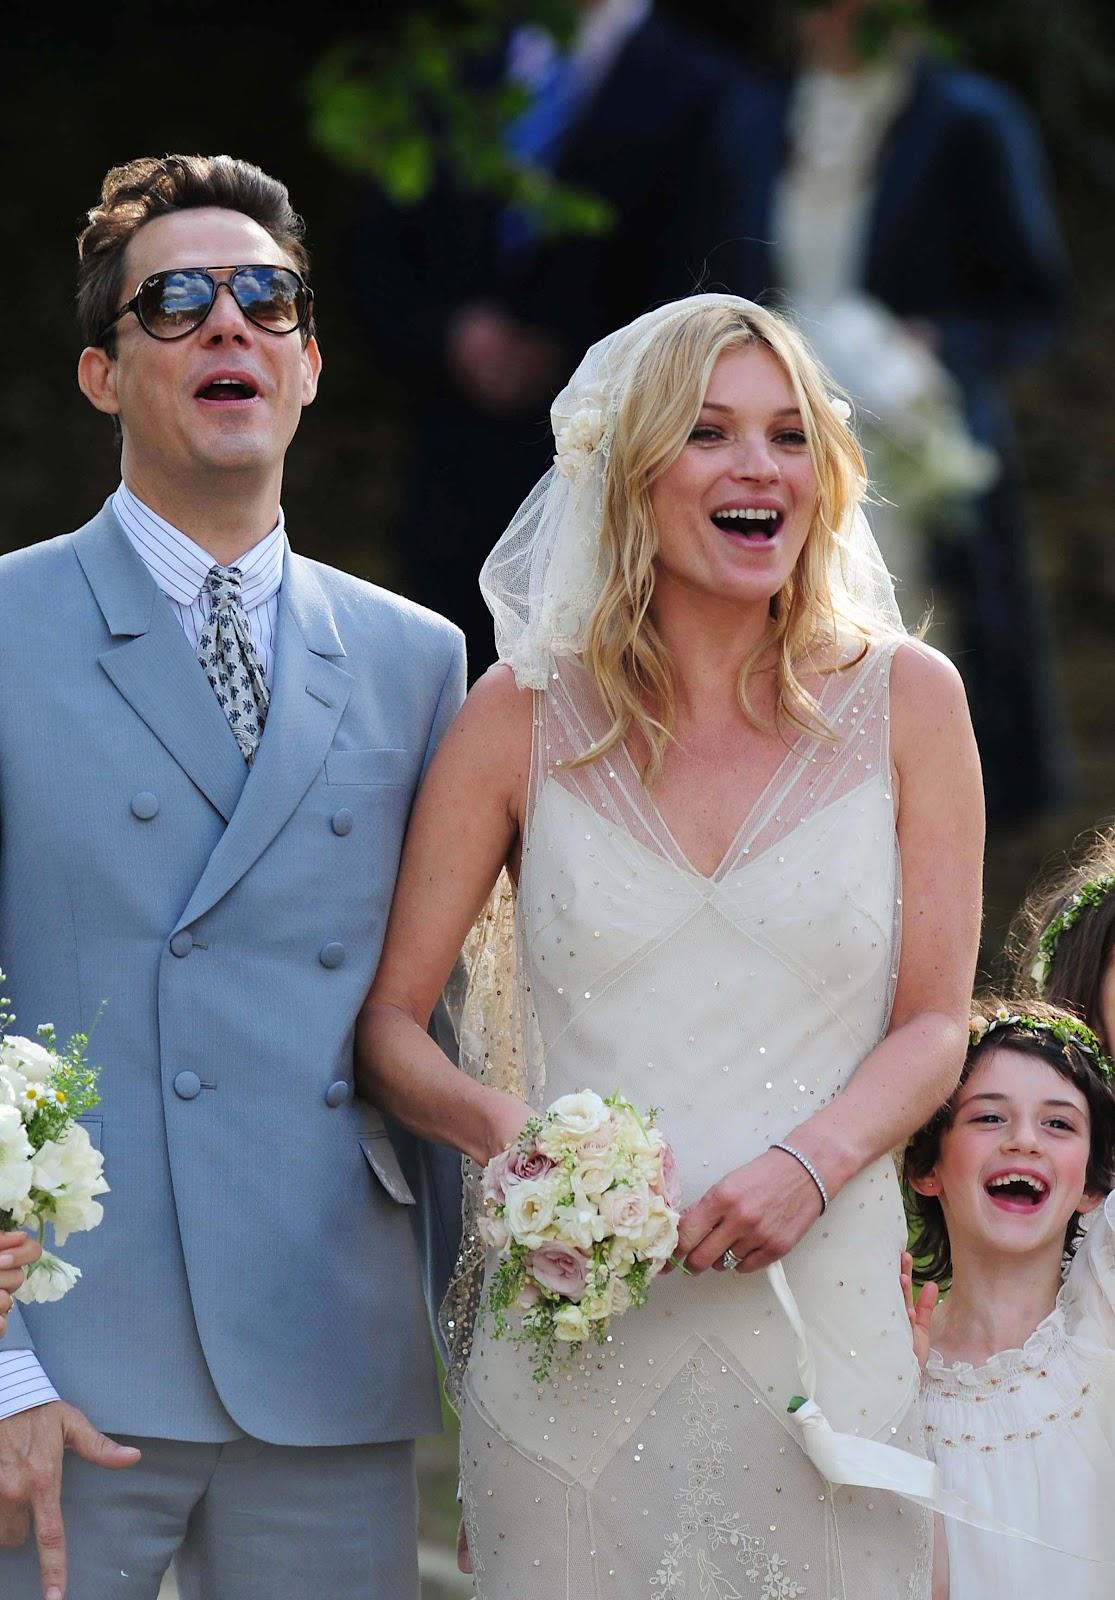 Le Cornacchie Della Moda Spotlight Wedding Time